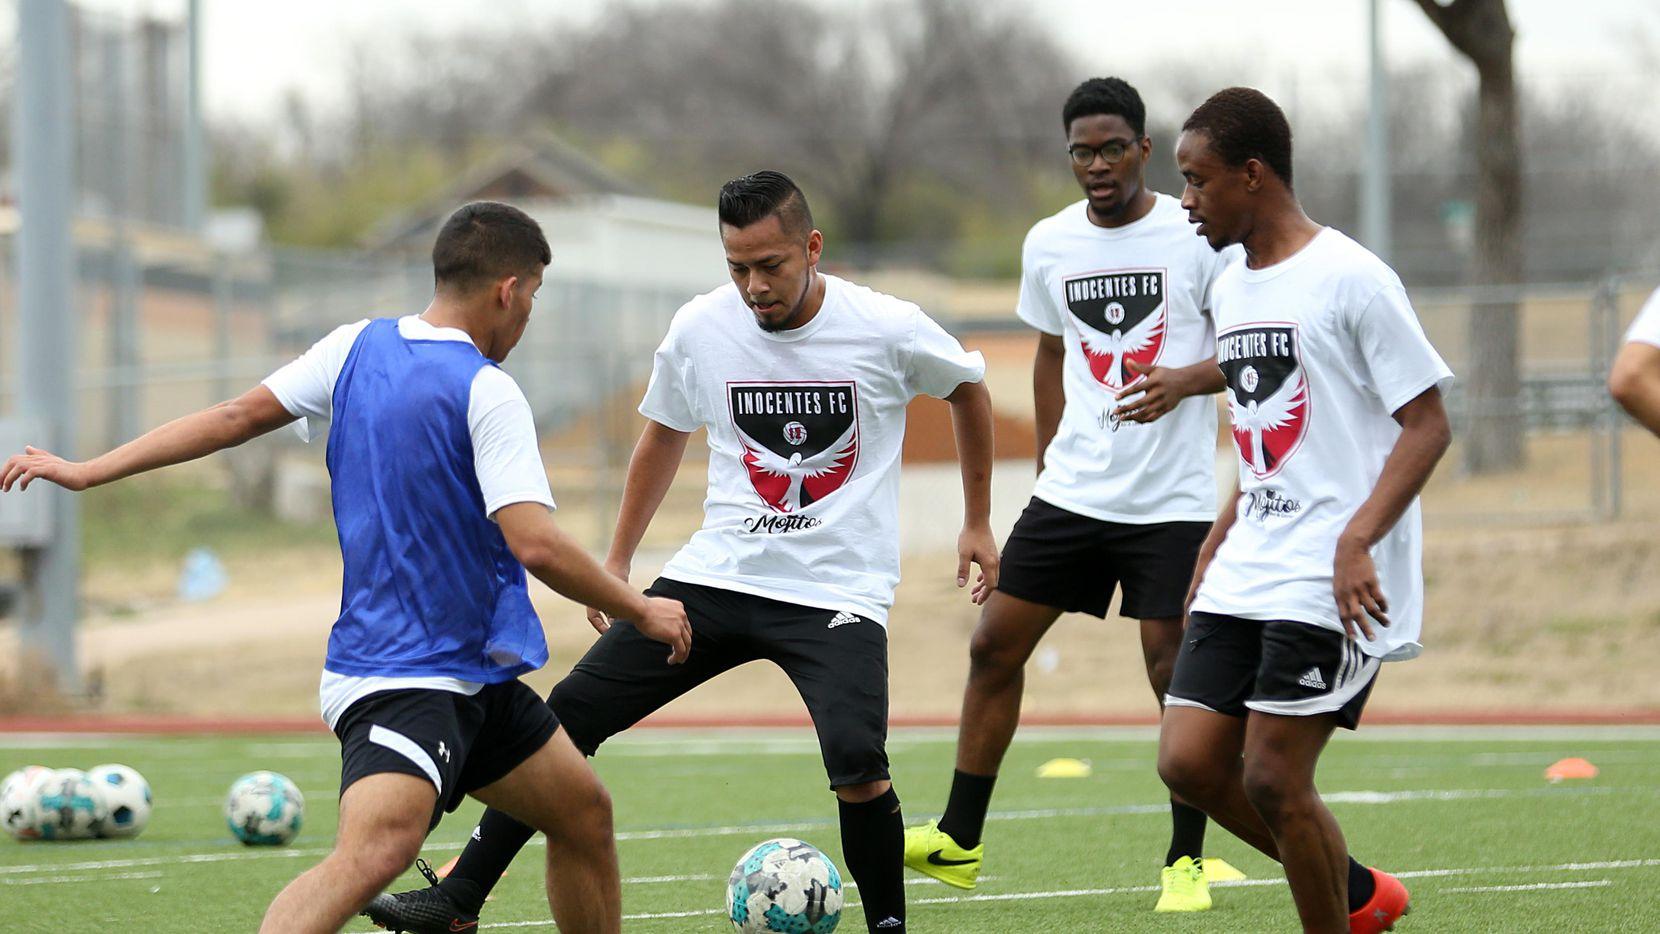 Inocentes FC de Fort Worth  va por el pase a la final nacional de la UPSL. (ESPECIAL PARA AL DÍA/OMAR VEGA)